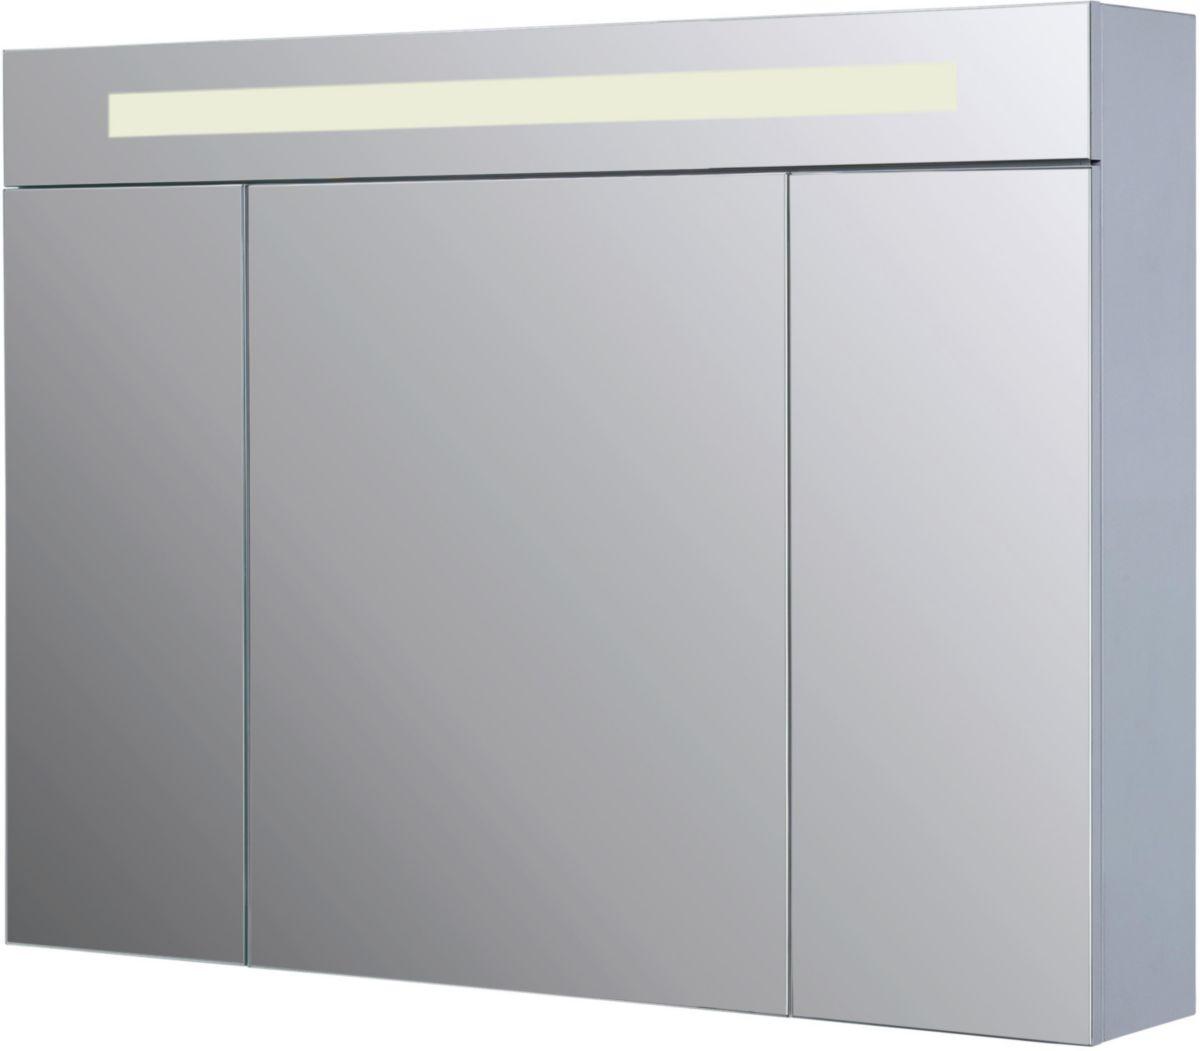 Hauteur Armoire De Toilette armoire de toilette seducta 90 cm avec éclairage led